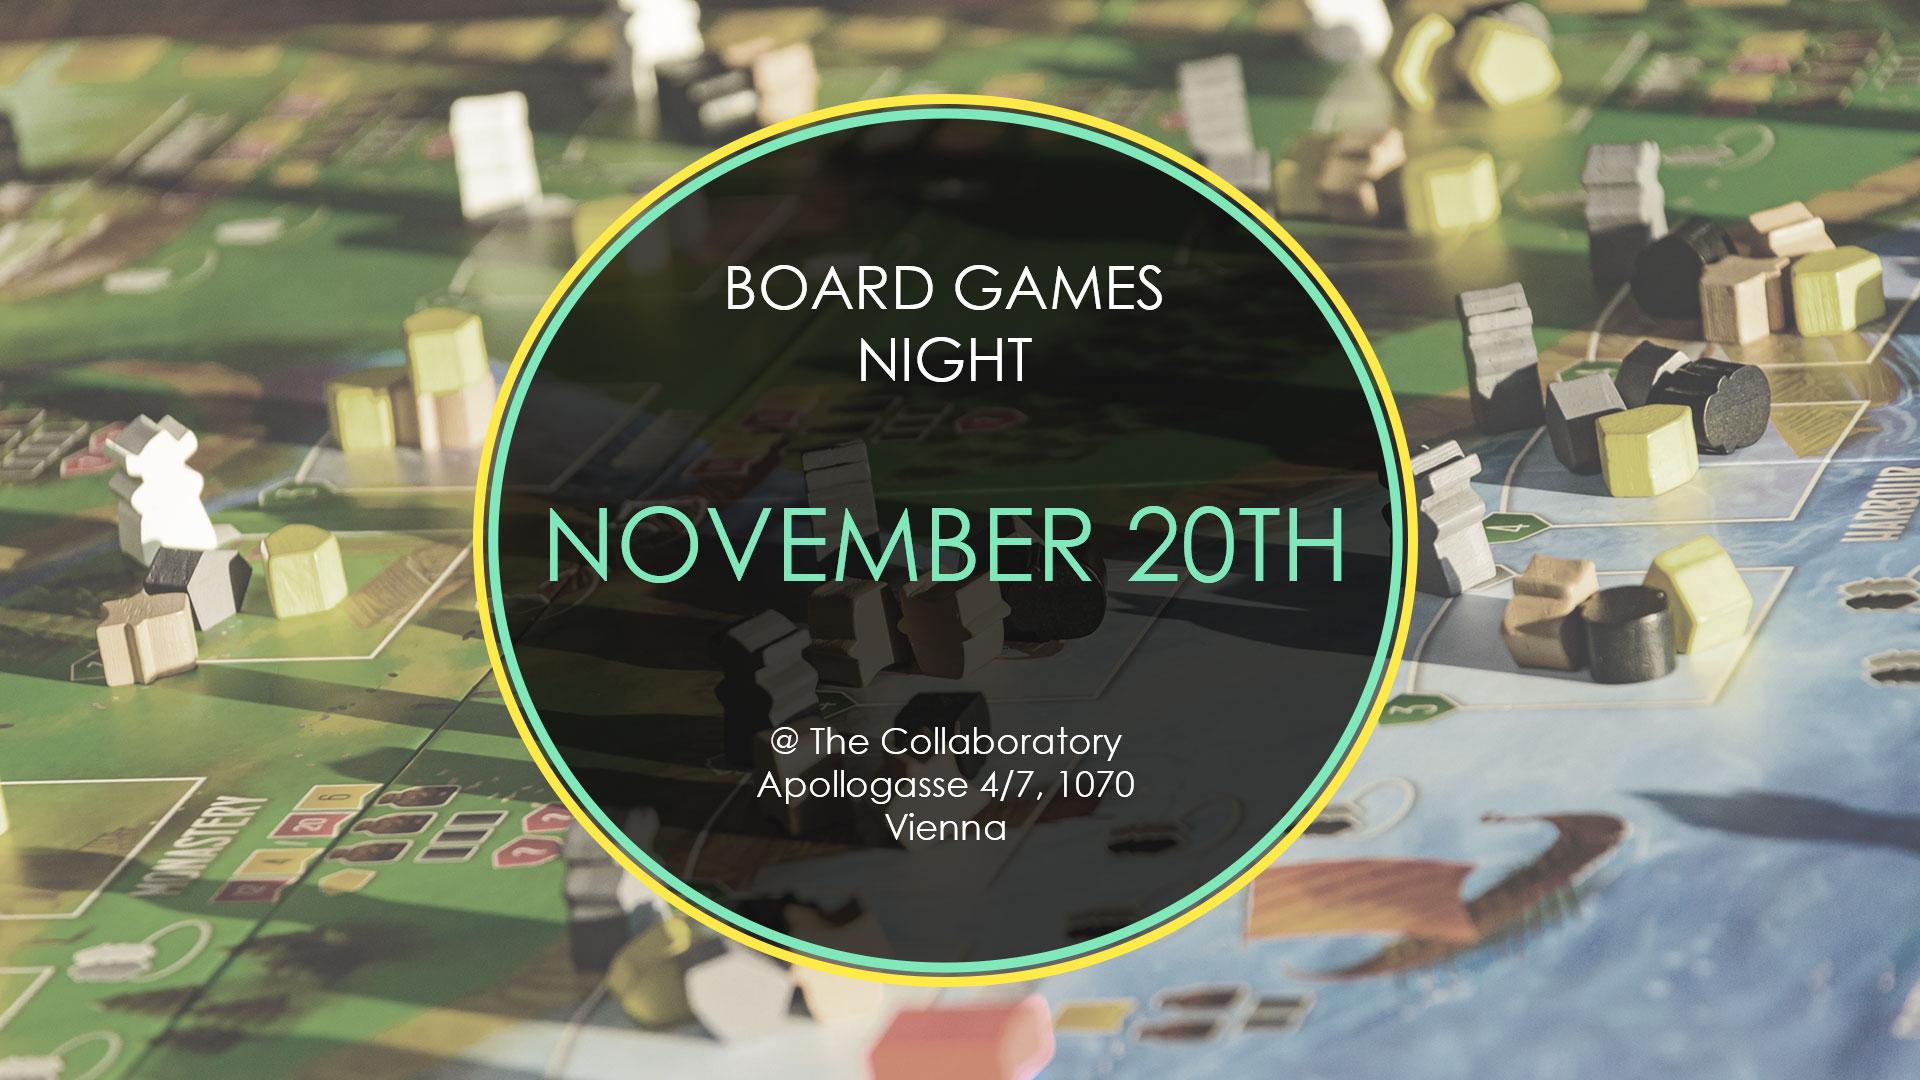 Board-games-nov-20